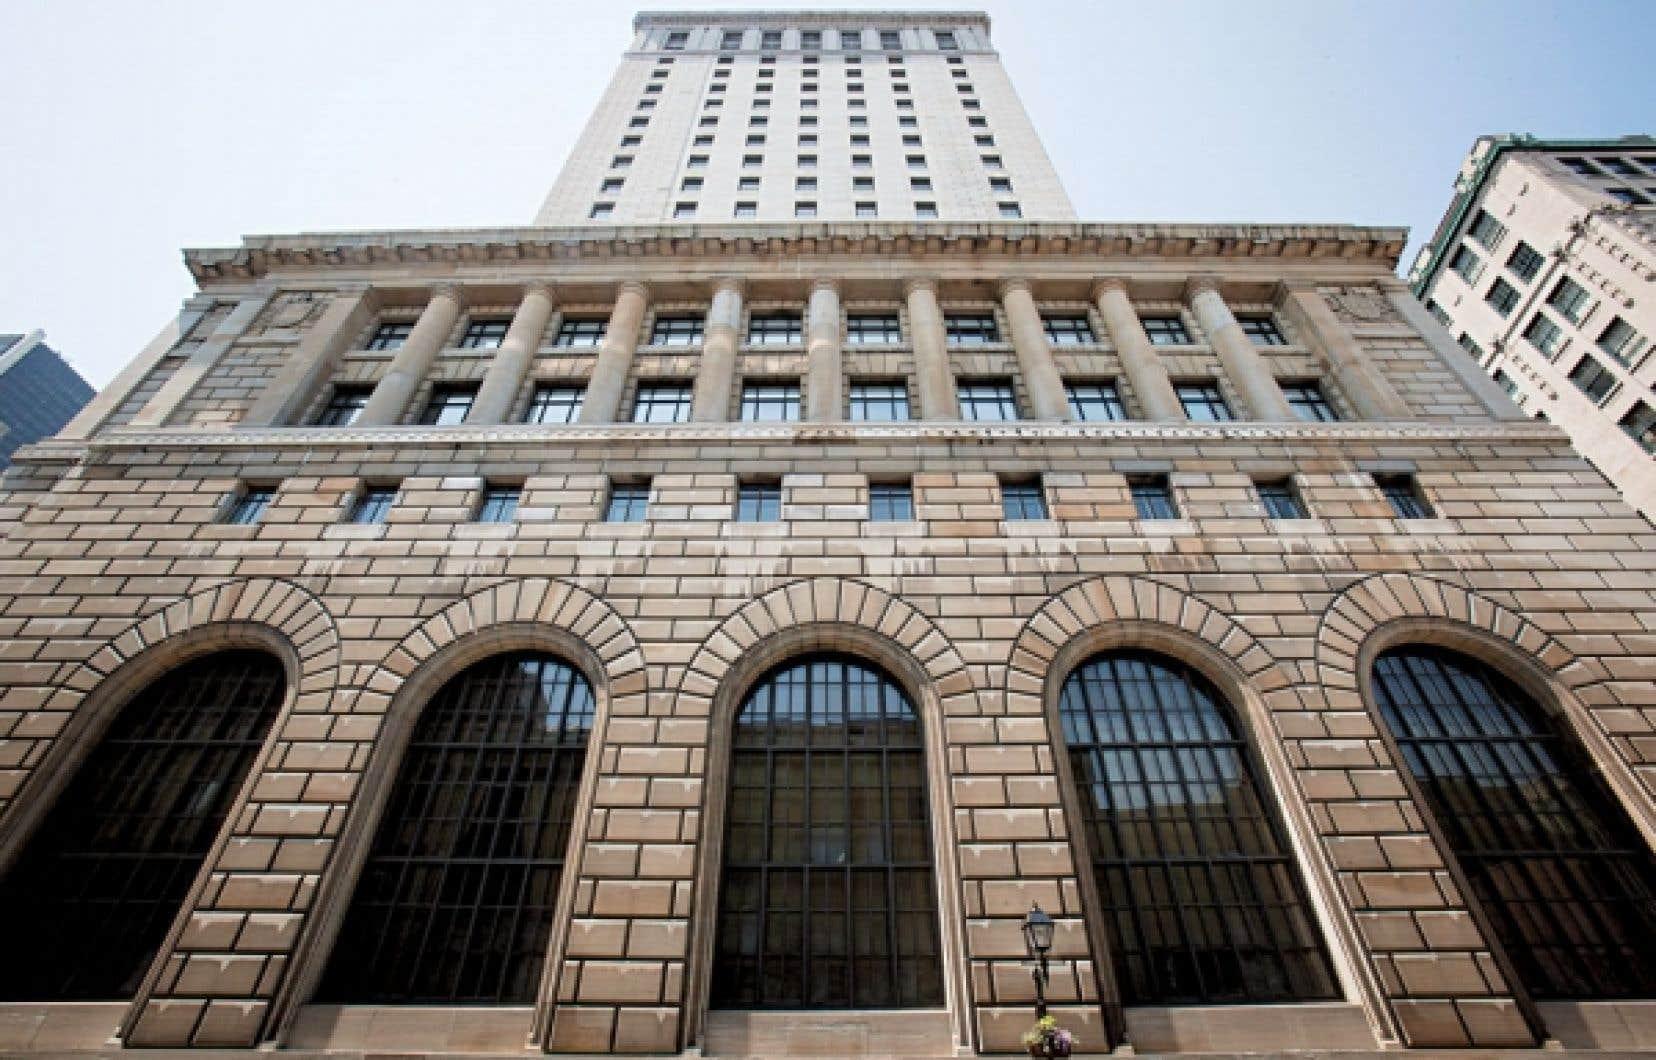 Le bâtiment est, depuis 2002, la propriété de Gestion Georges Coulombe, un homme qui comprend et apprécie la valeur patrimoniale de l'édifice, selon Héritage Montréal.